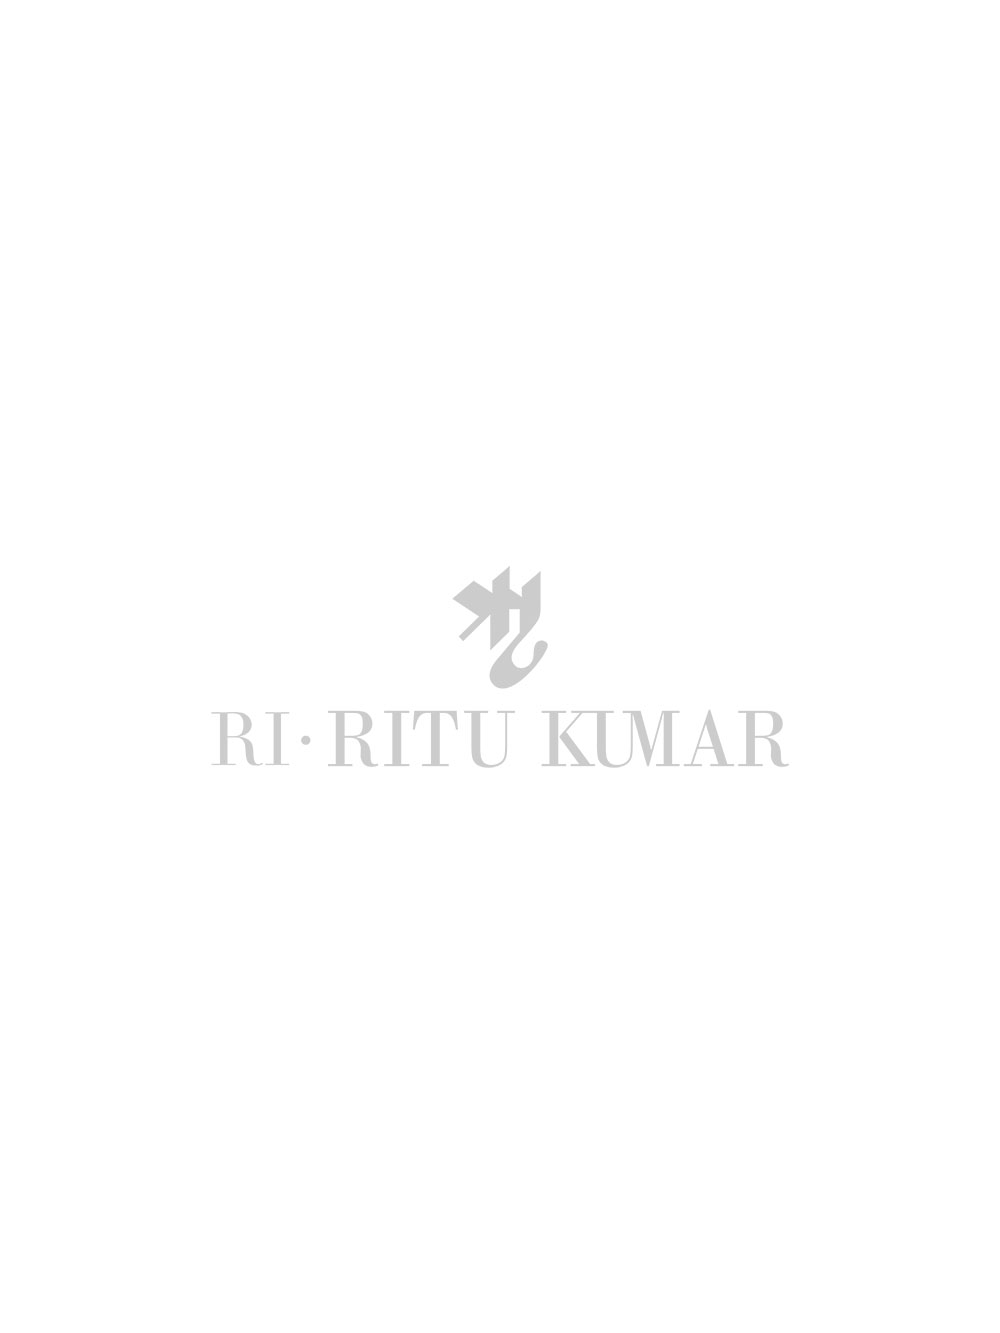 Gold Gown Dress – Ritu Kumar